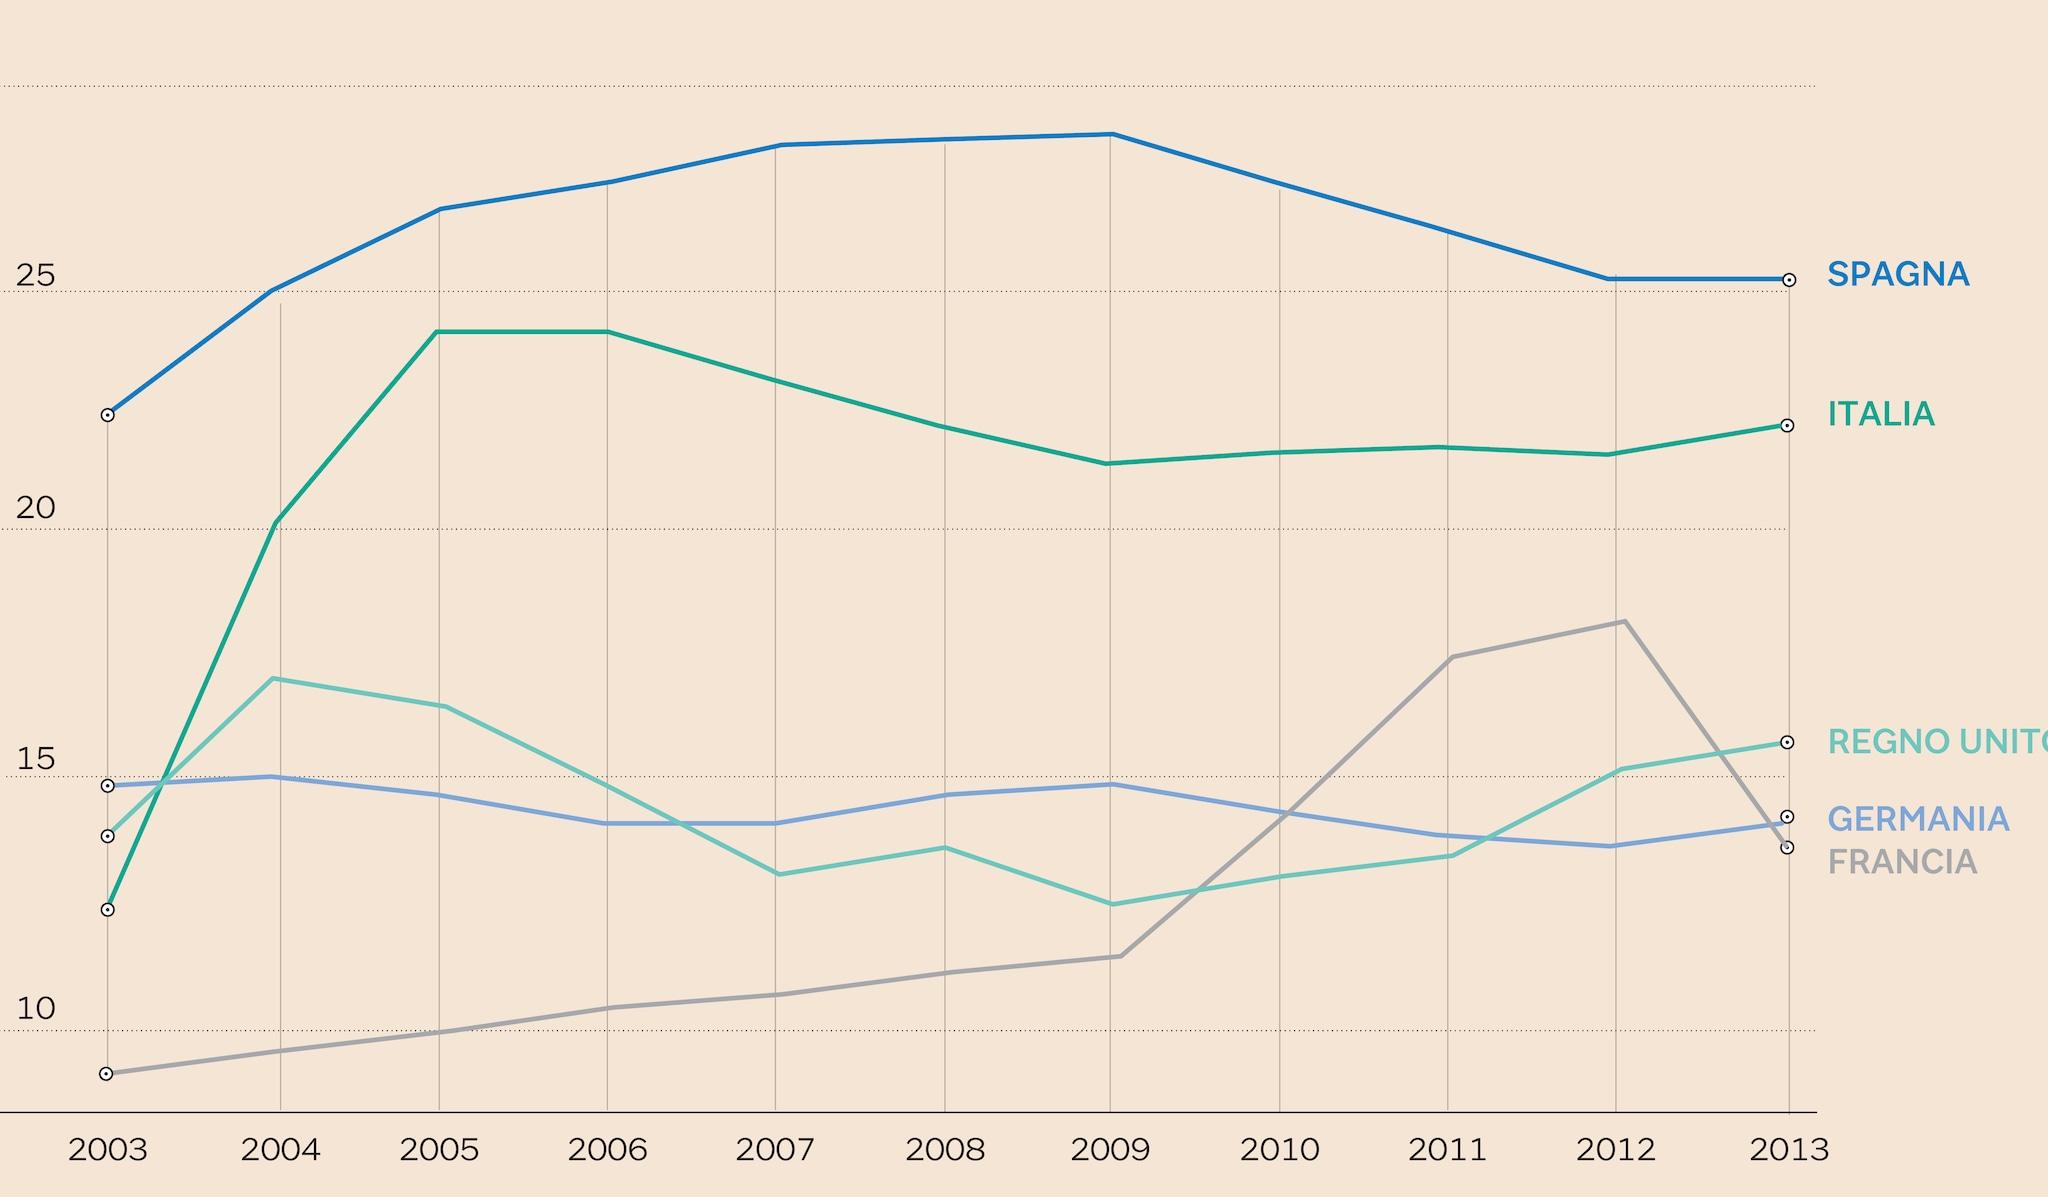 PERCENTUALE DI LAVORATORI SOVRA-QUALIFICATI NEI CINQUE MAGGIORI PAESI EUROPEI